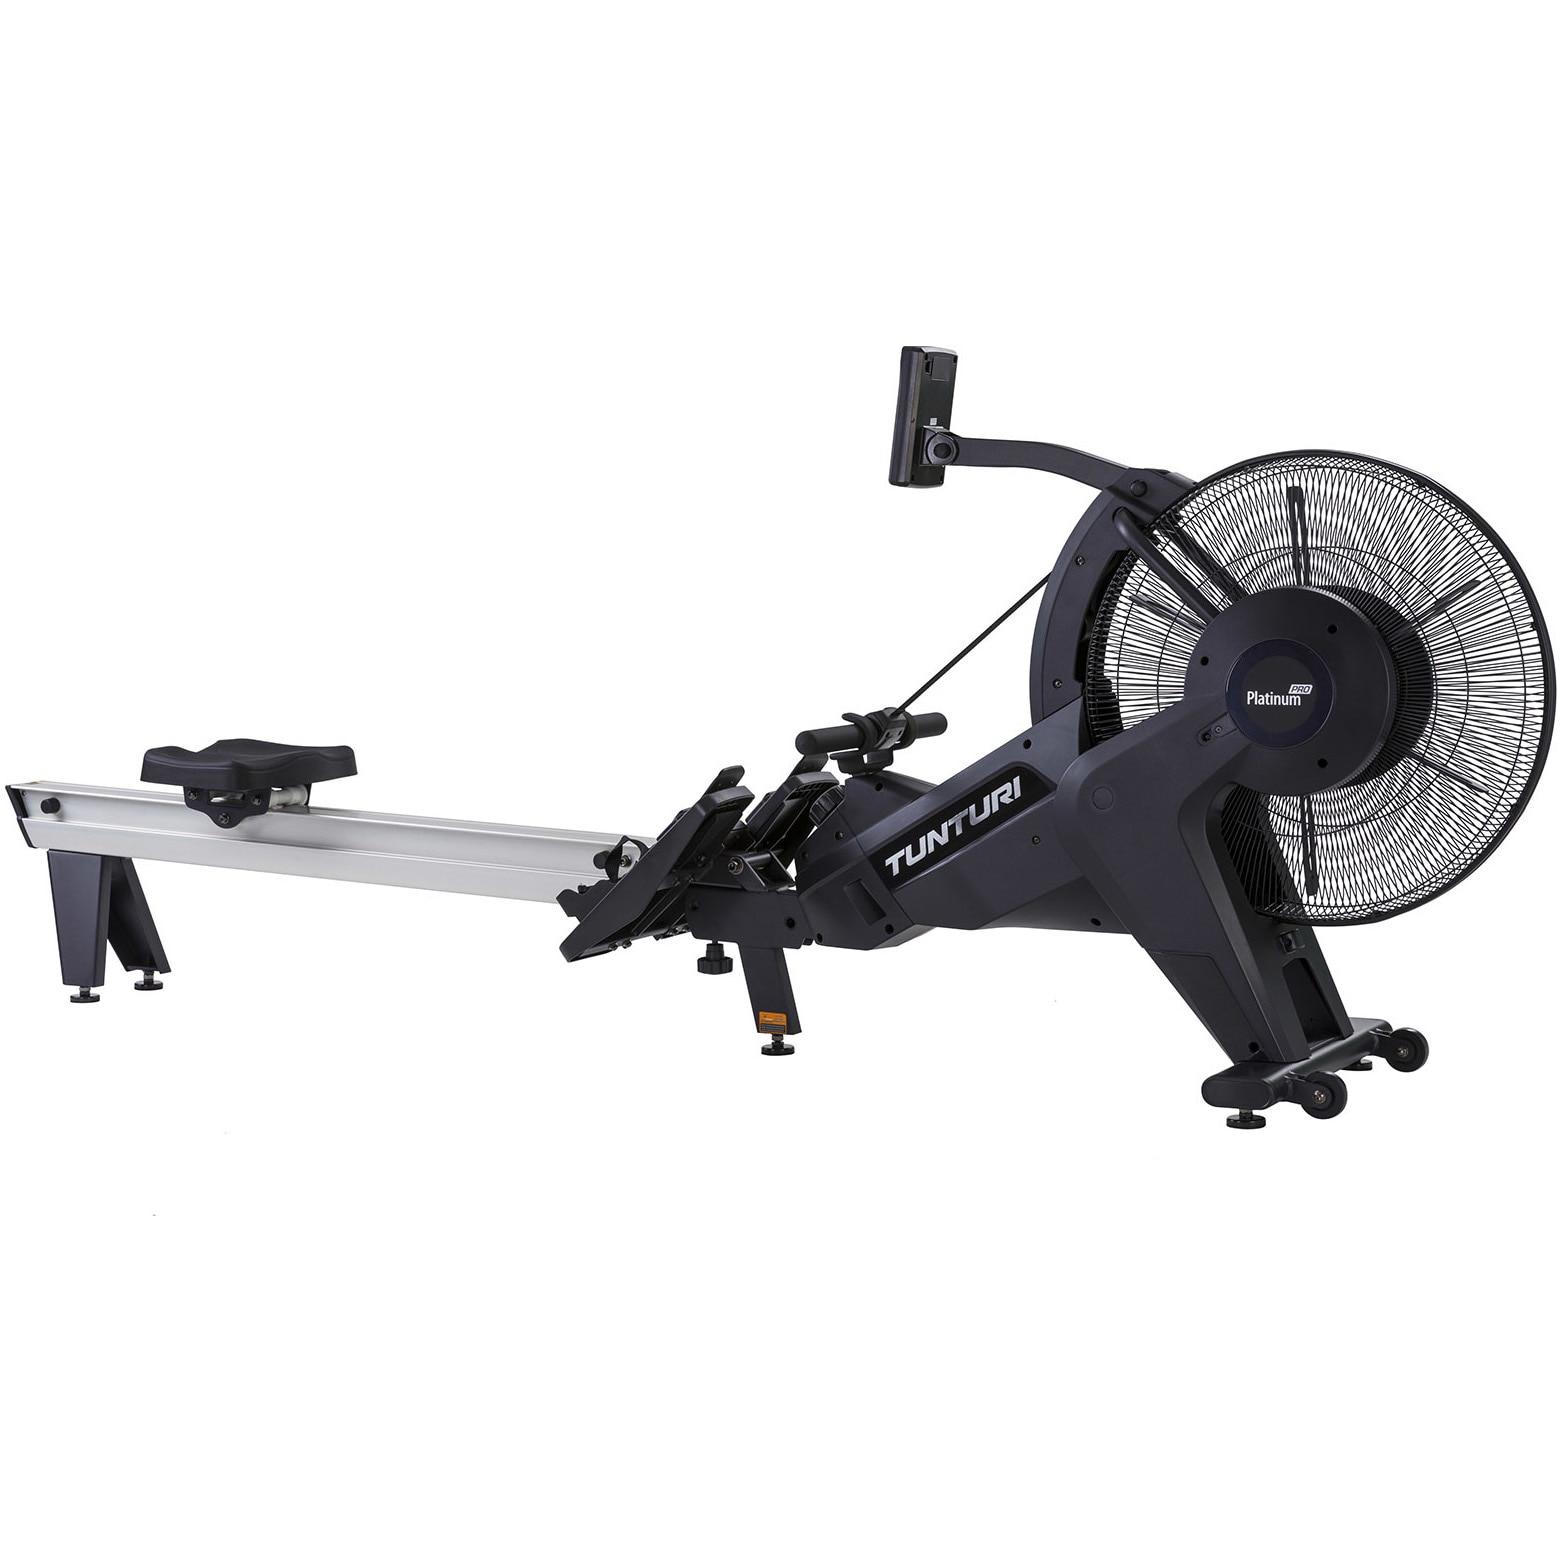 Fotografie Aparat vaslit Tunturi Pro Air, rezistenta aer, volanta 18kg, greutate maxima utilizator 165 kg